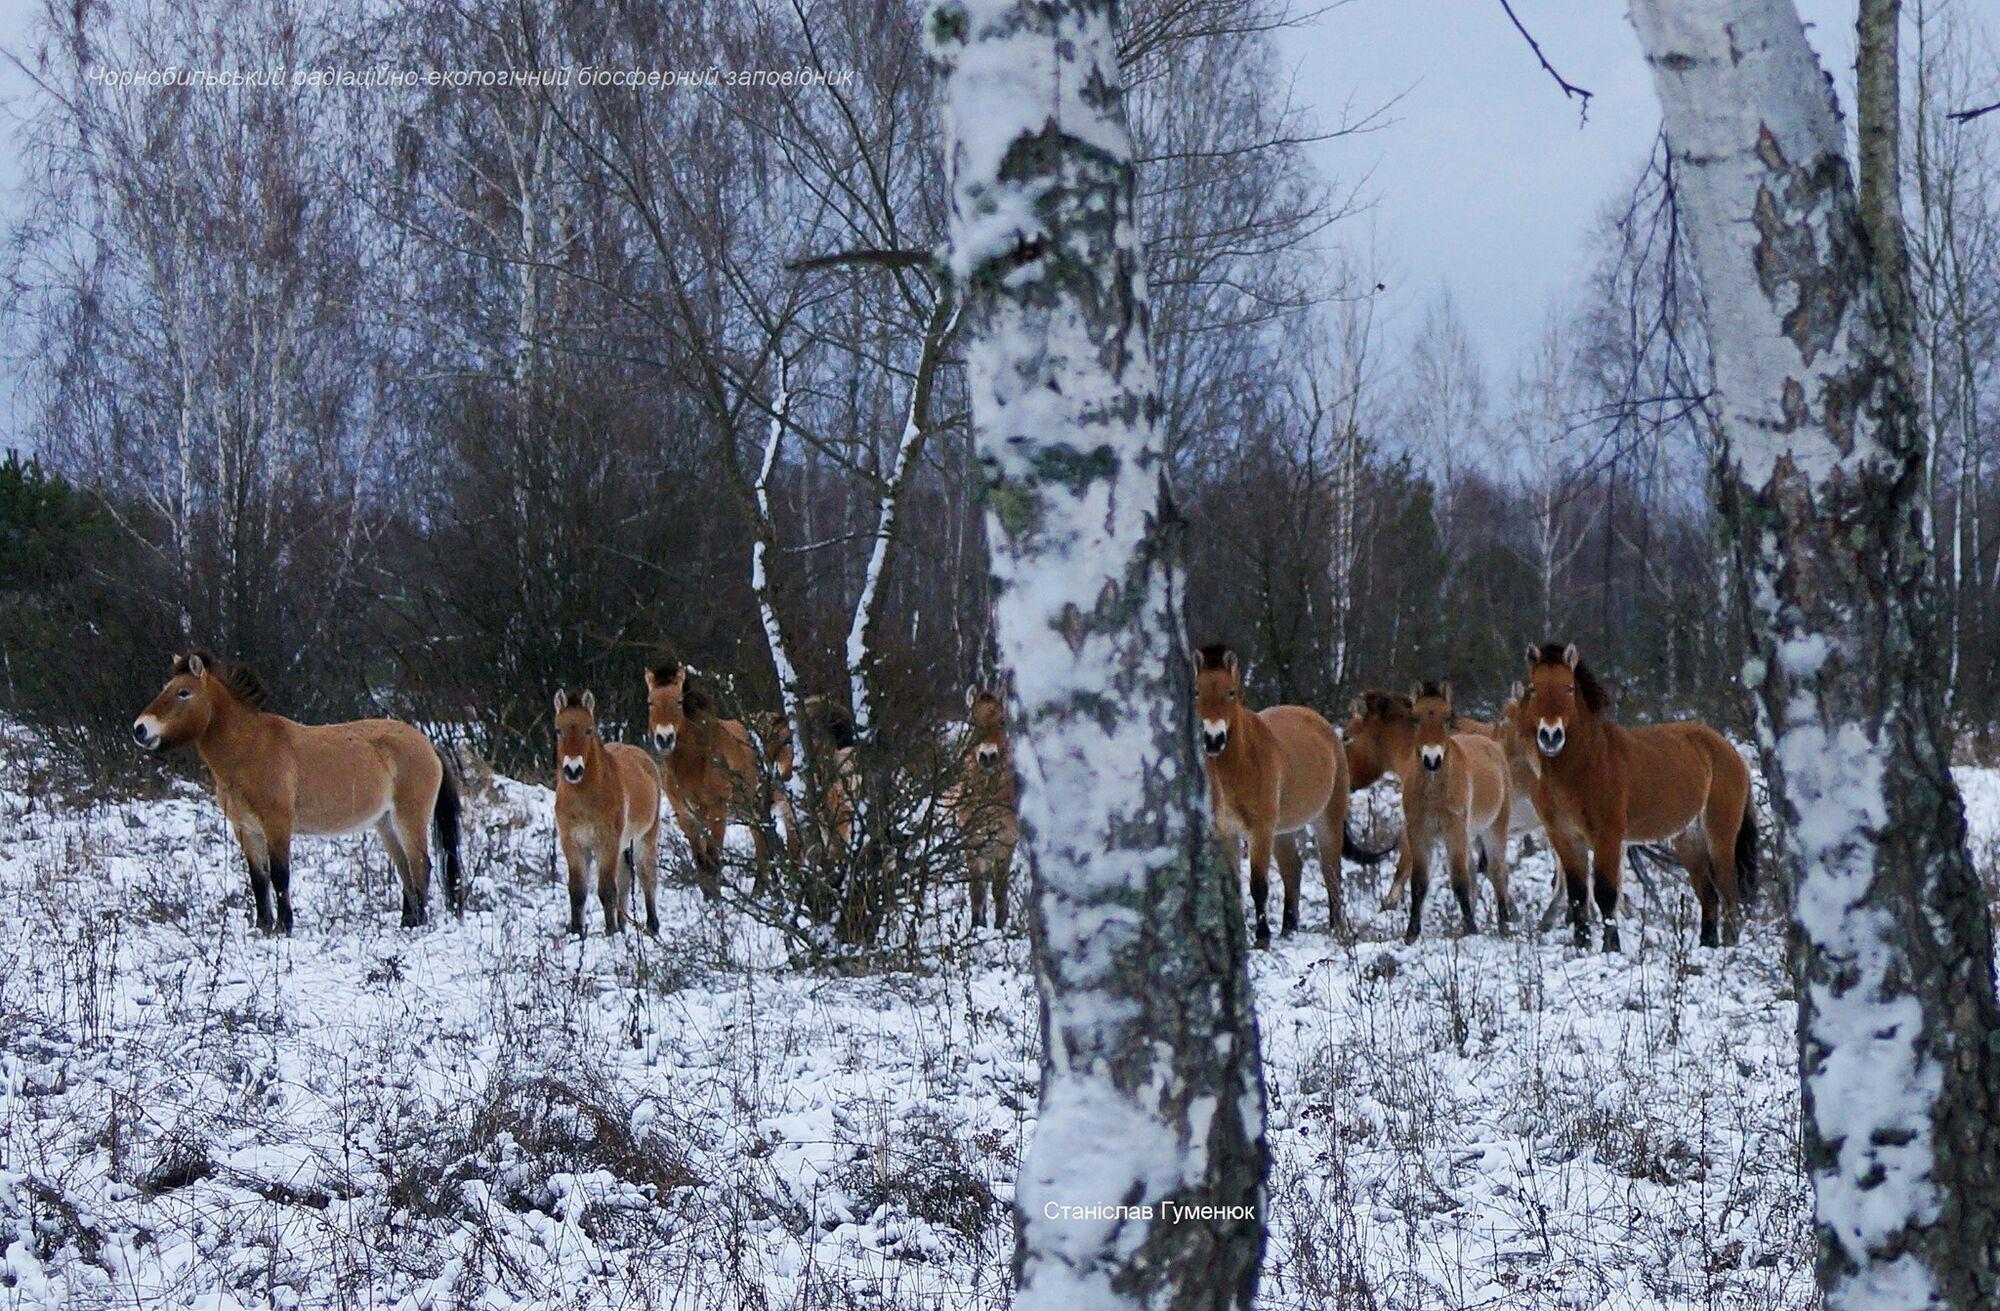 Общая численность животных в зоне отчуждения доходит до 150 особей